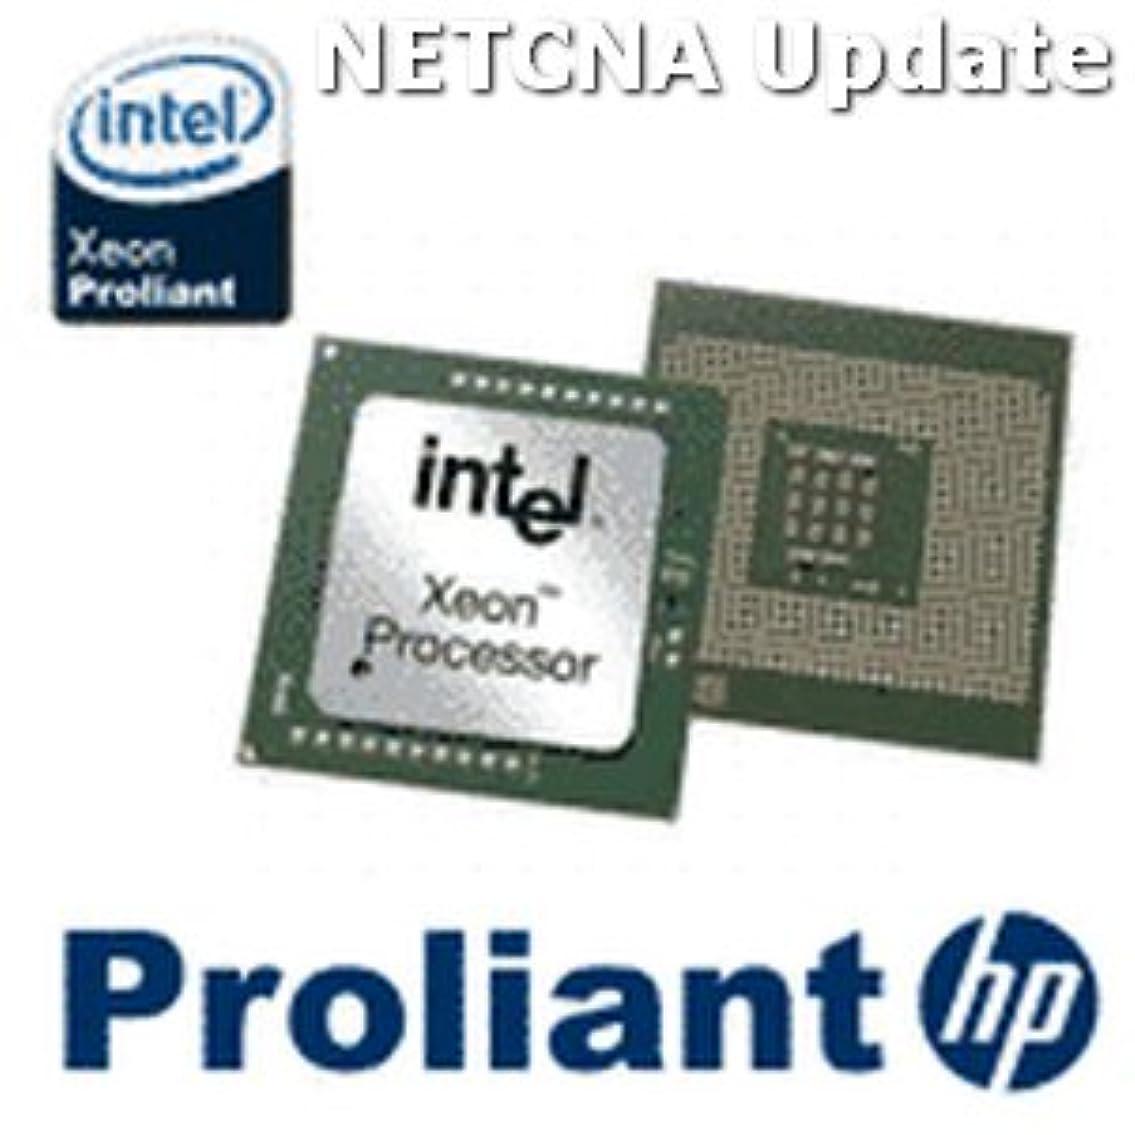 石炭ブロンズスライス517495-b21 HP Xeon q9400 2.66 GHz ml310 g5p互換製品by NETCNA